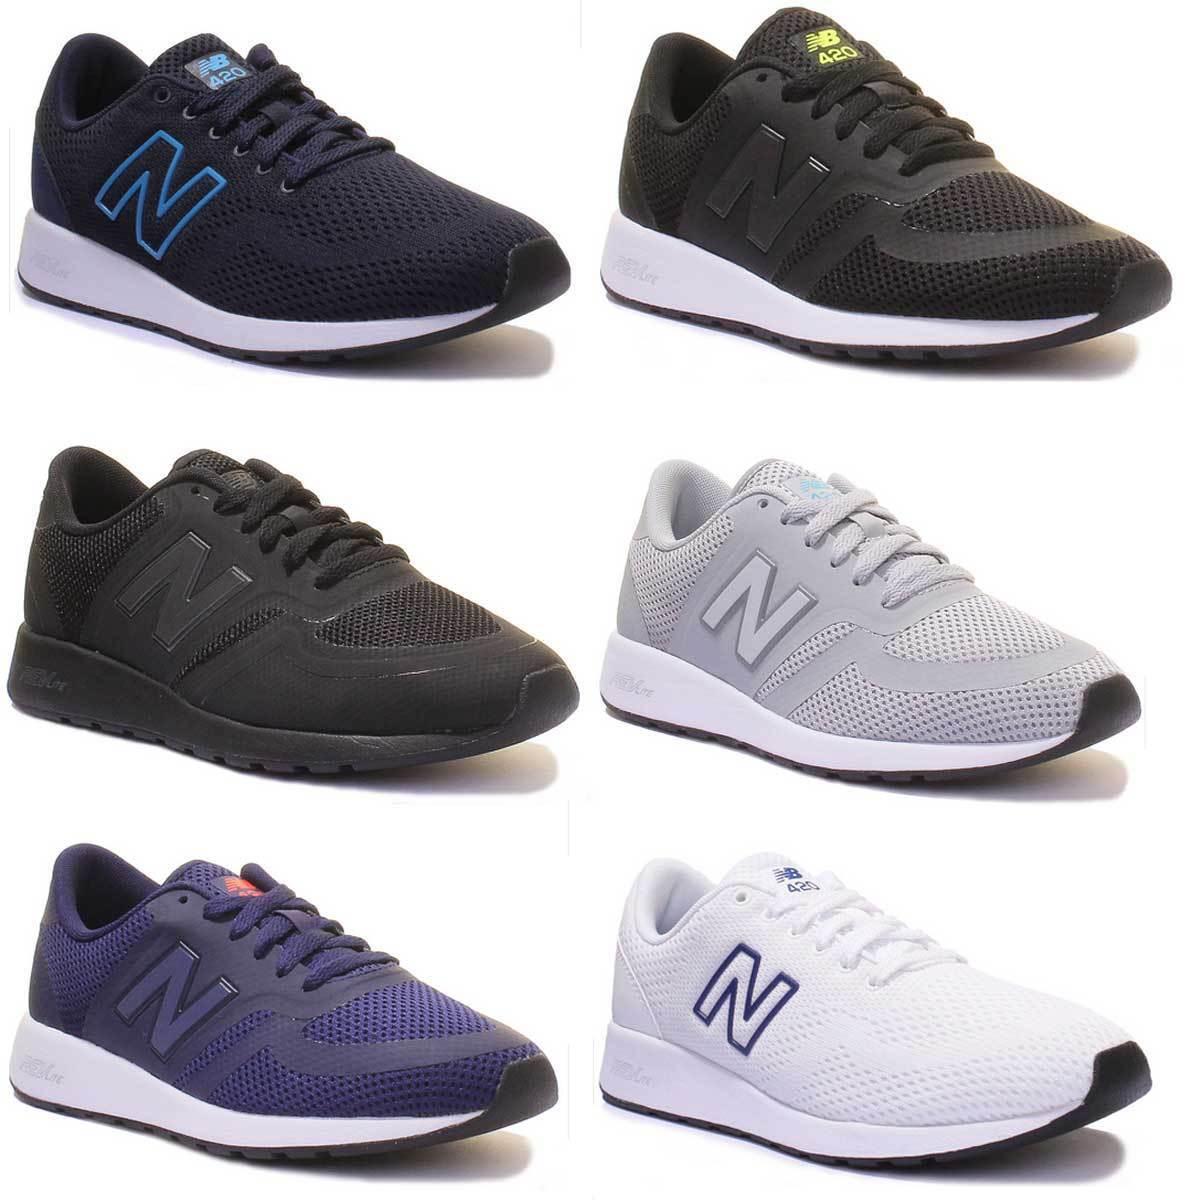 New Balance MRL 420 Femme Noir Mono Baskets 3 - 8